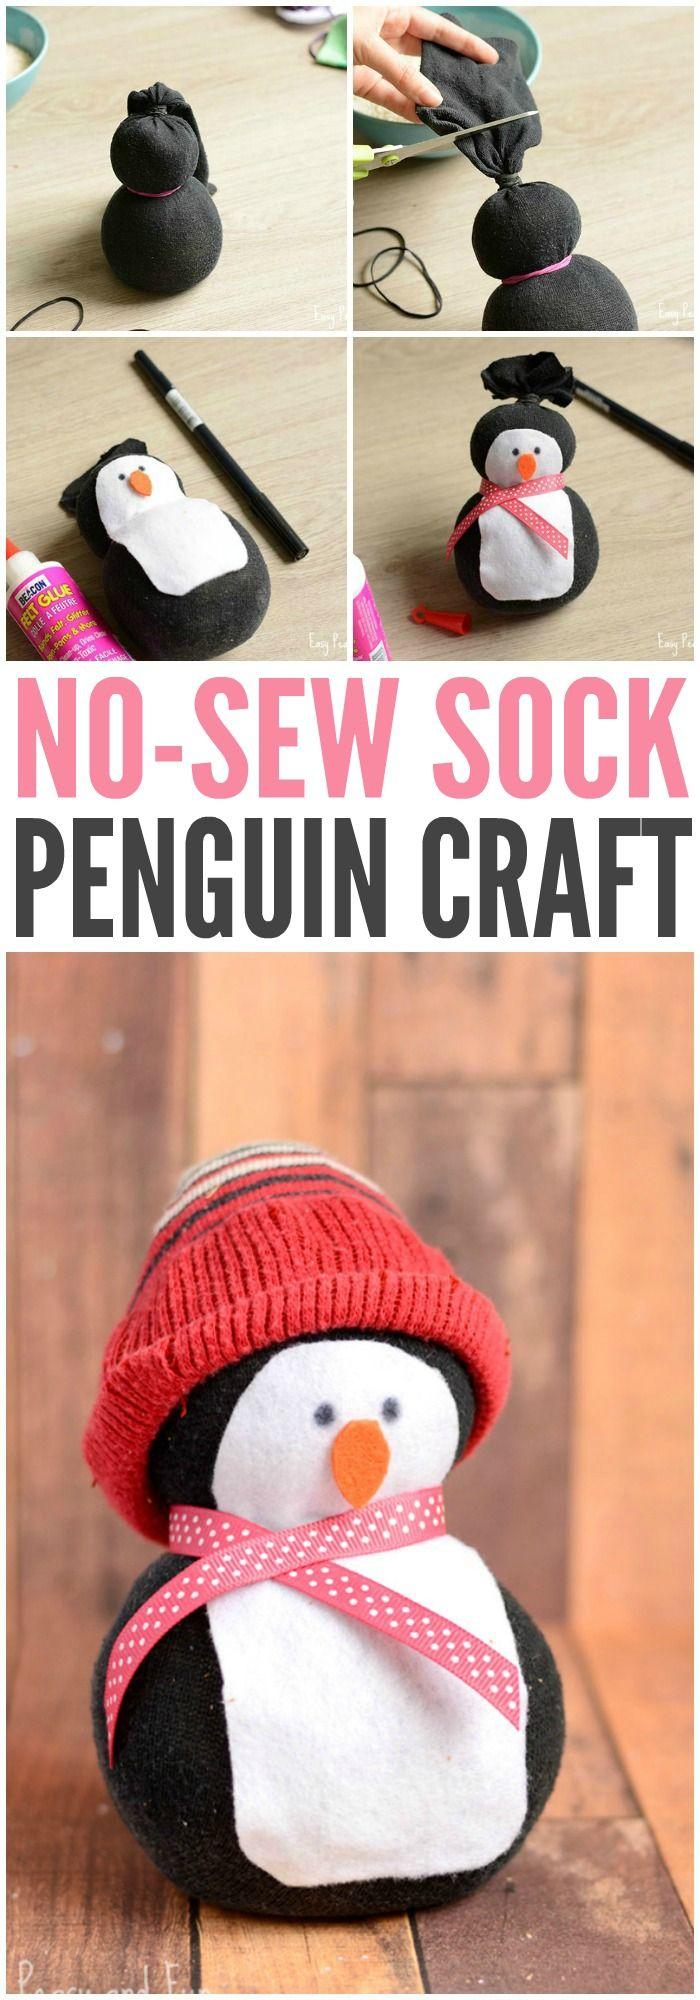 NoSew Sock Penguin Craft Penguin craft, Penguins and Socks